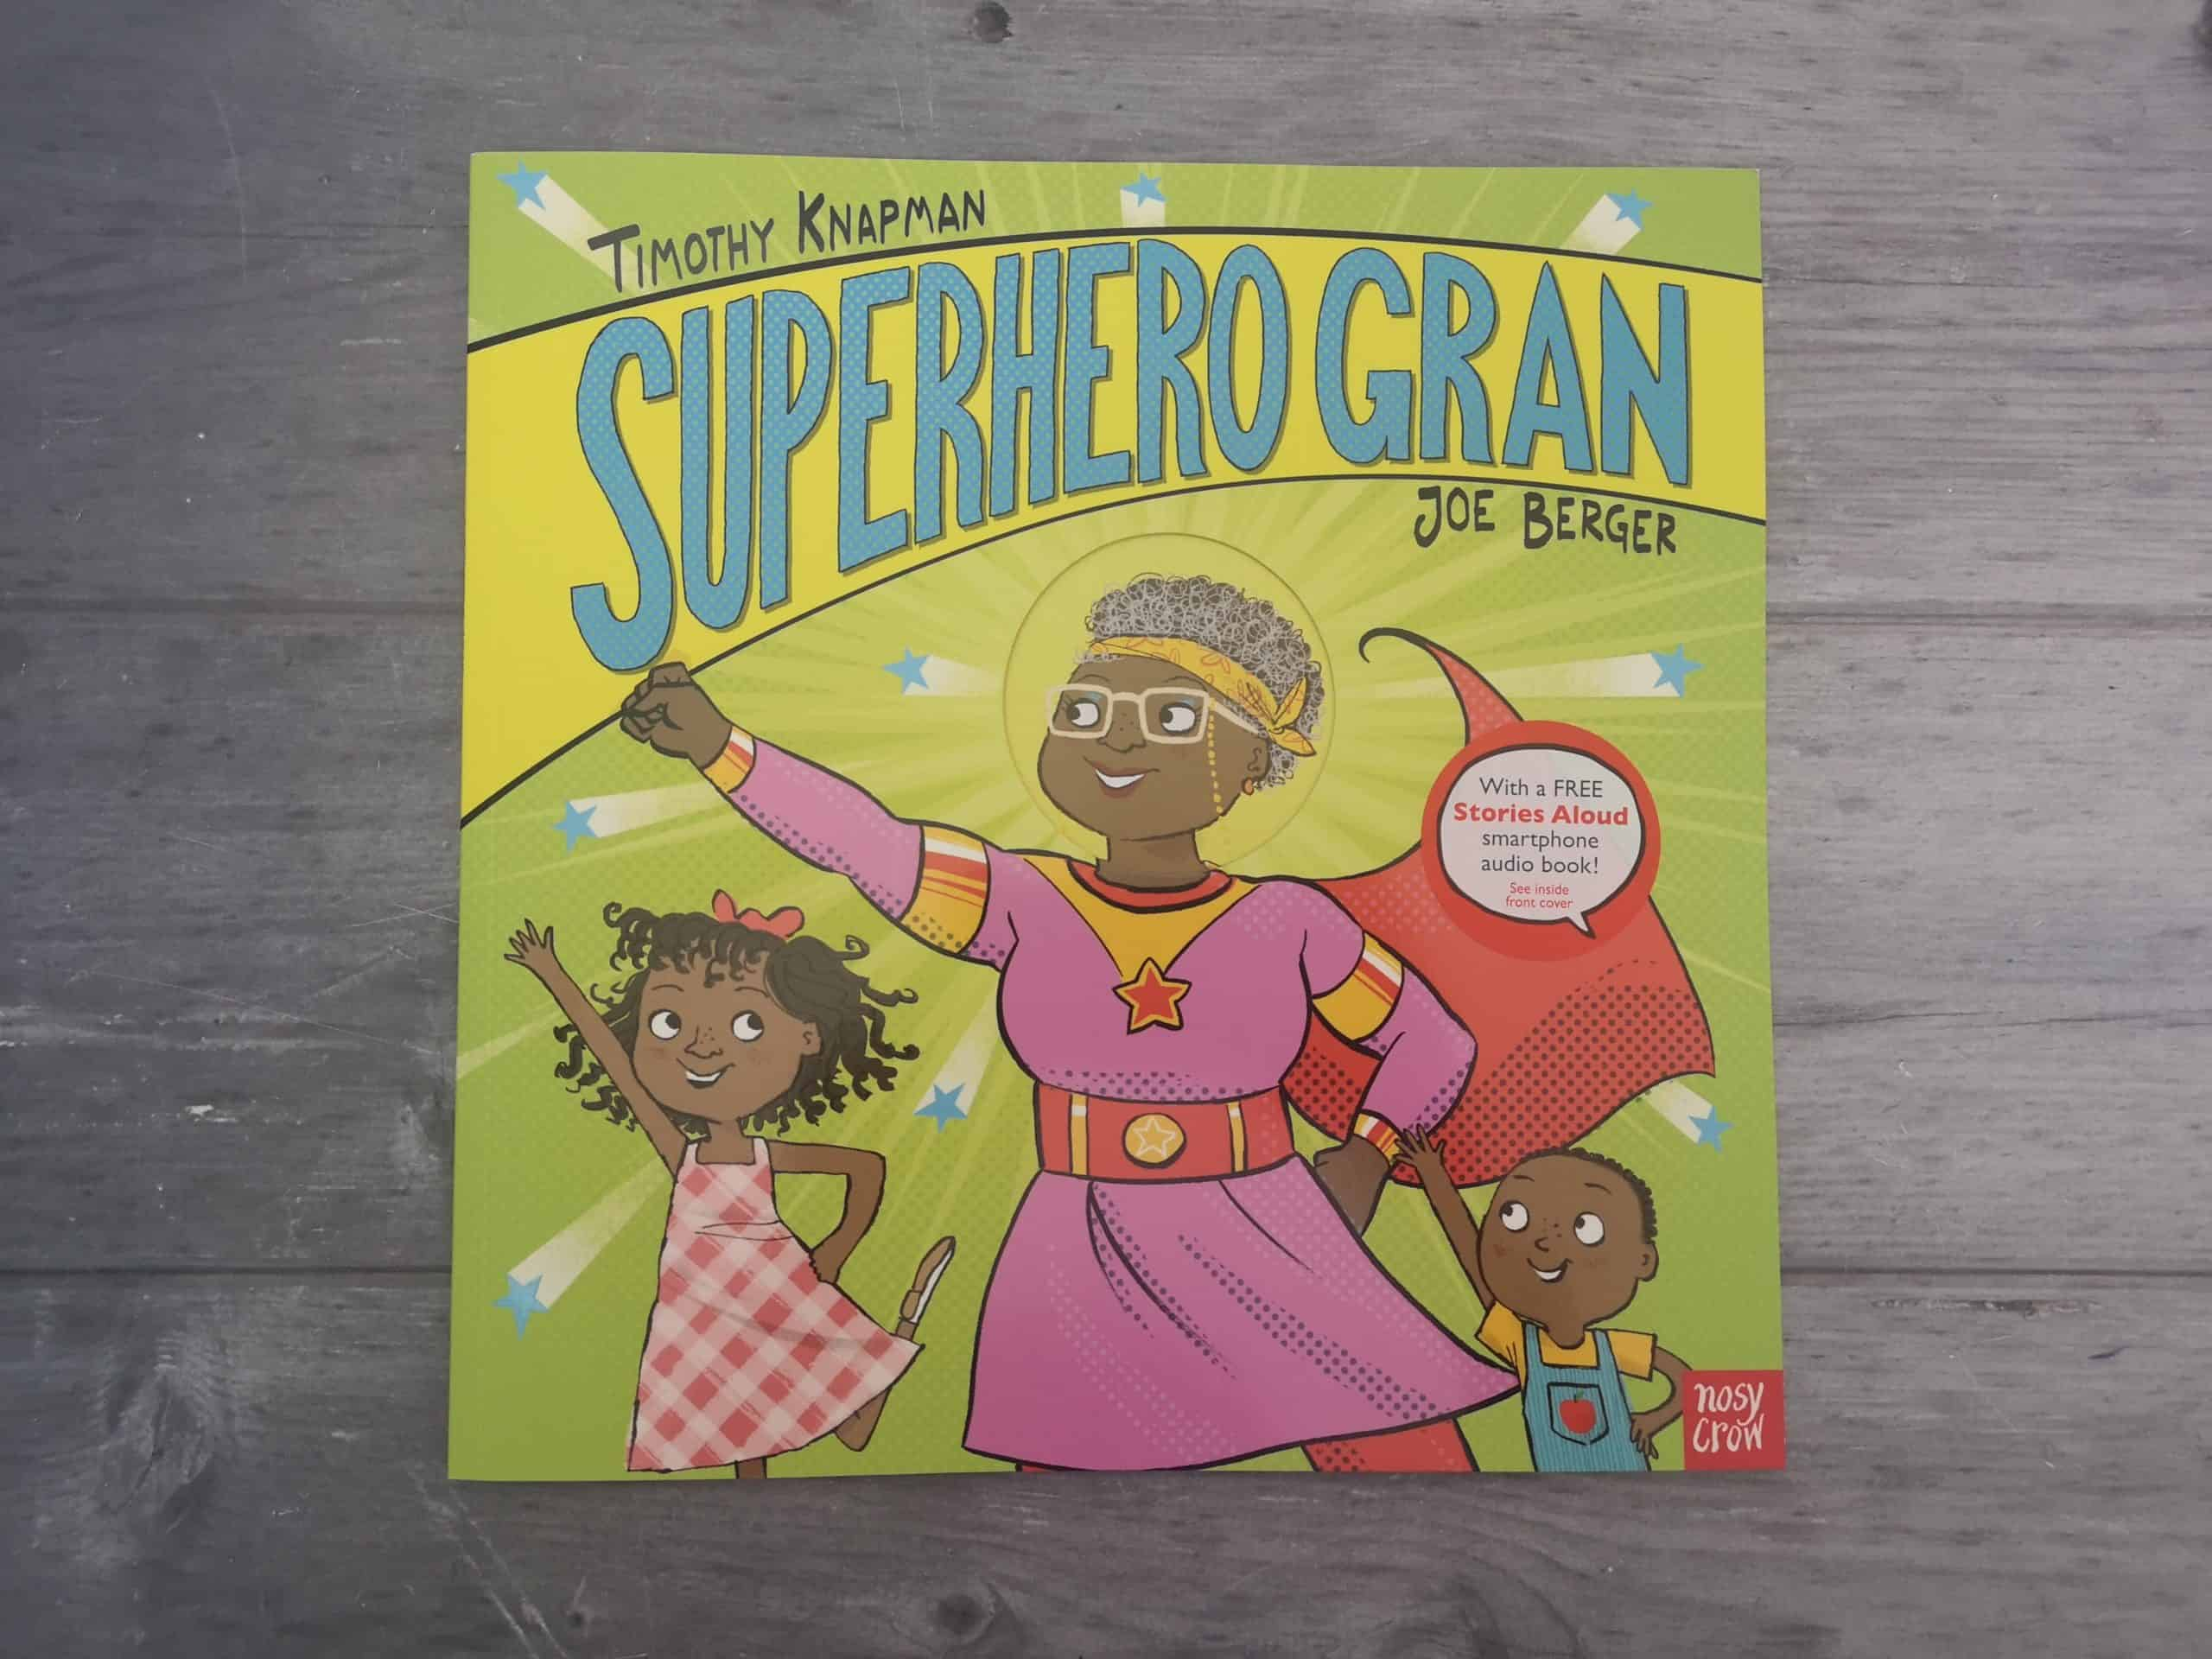 Superhero Gran by byTimothy Knapman andJoe Berger